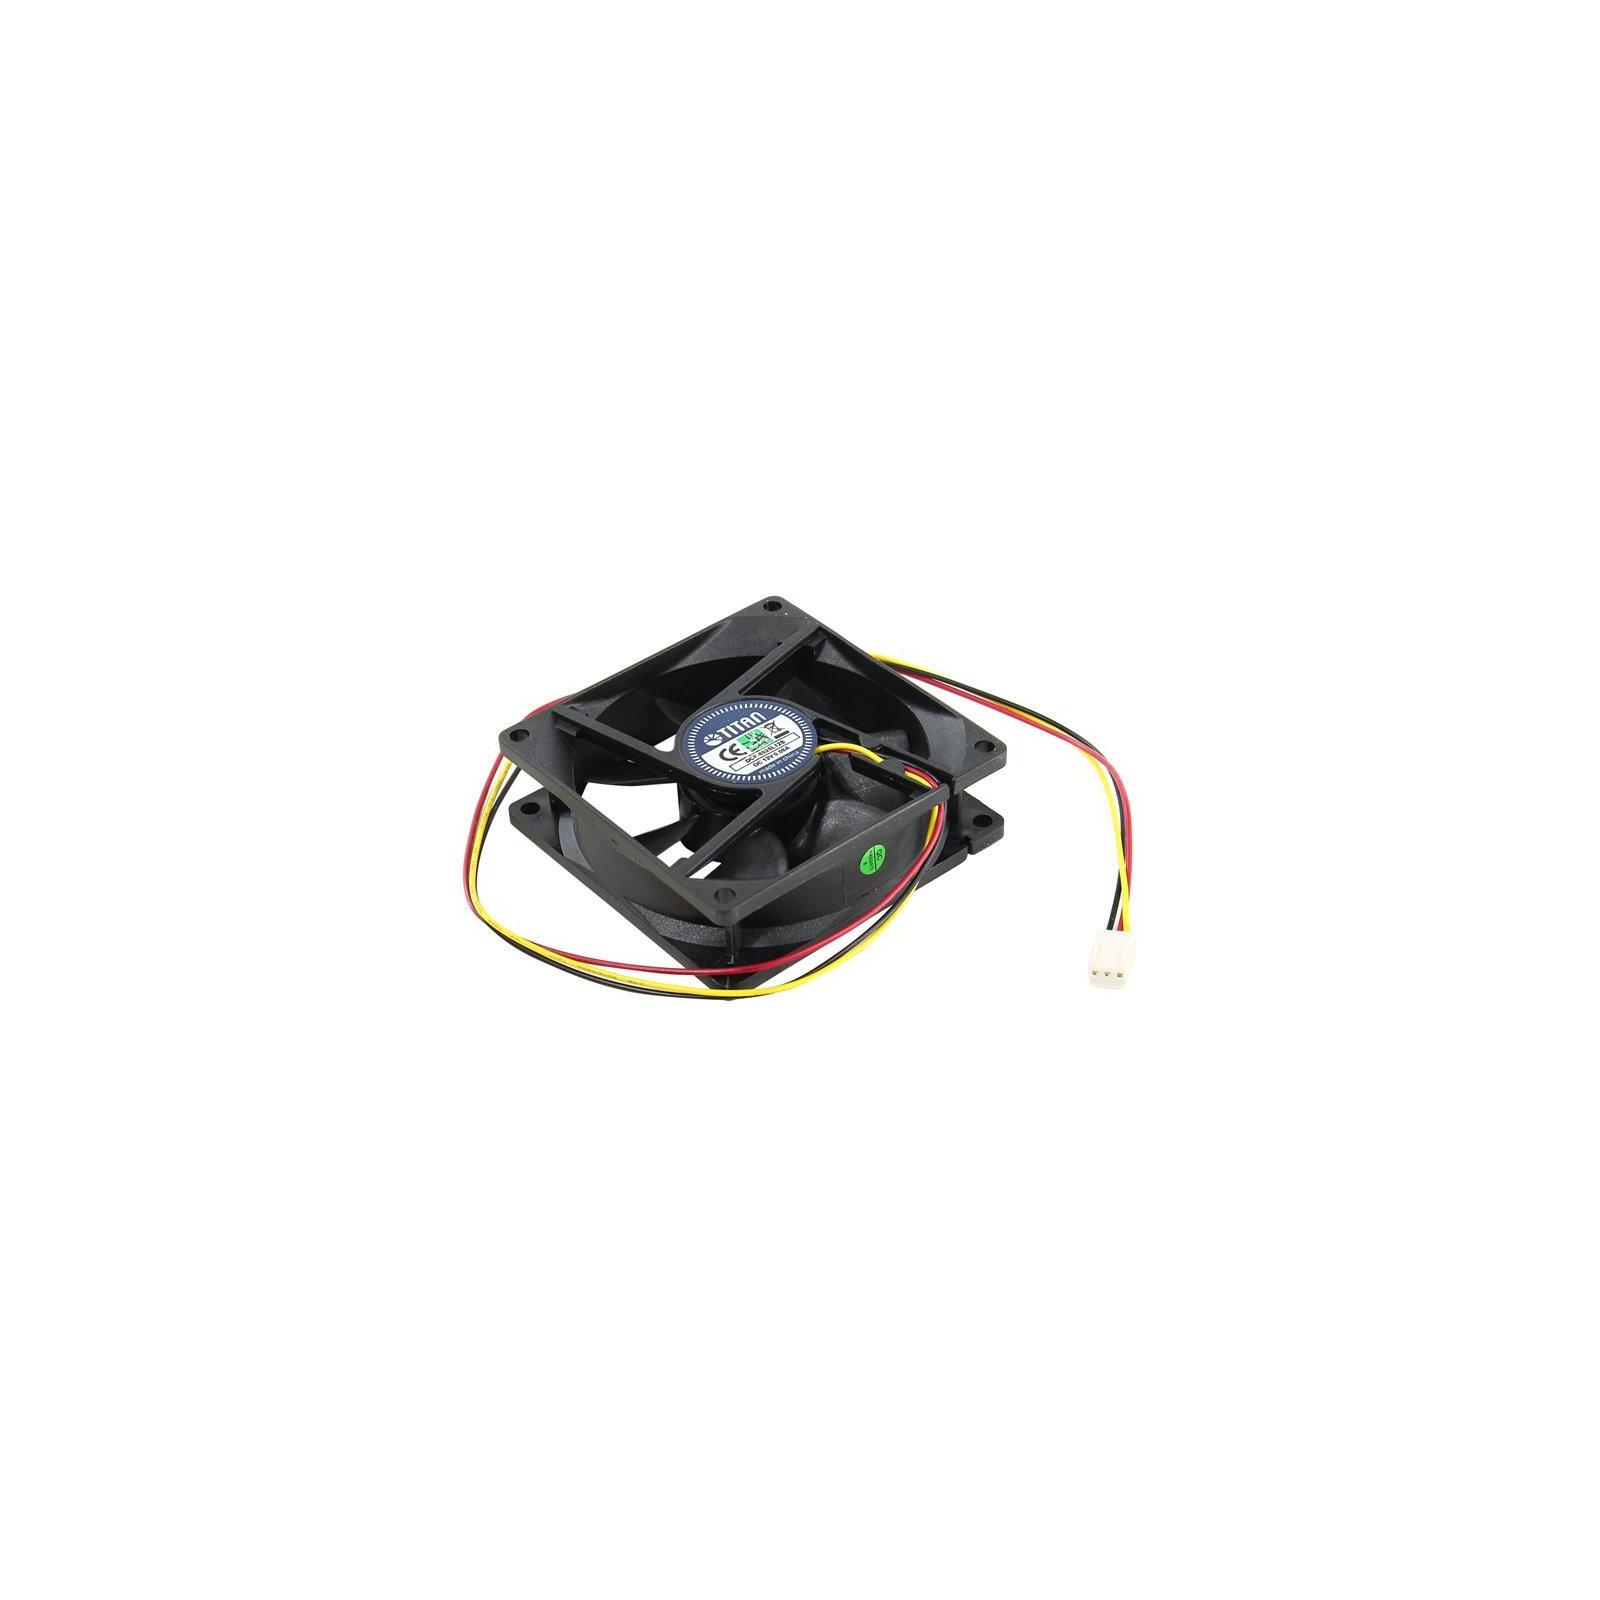 Кулер для корпуса Titan DCF-8025L12S изображение 2